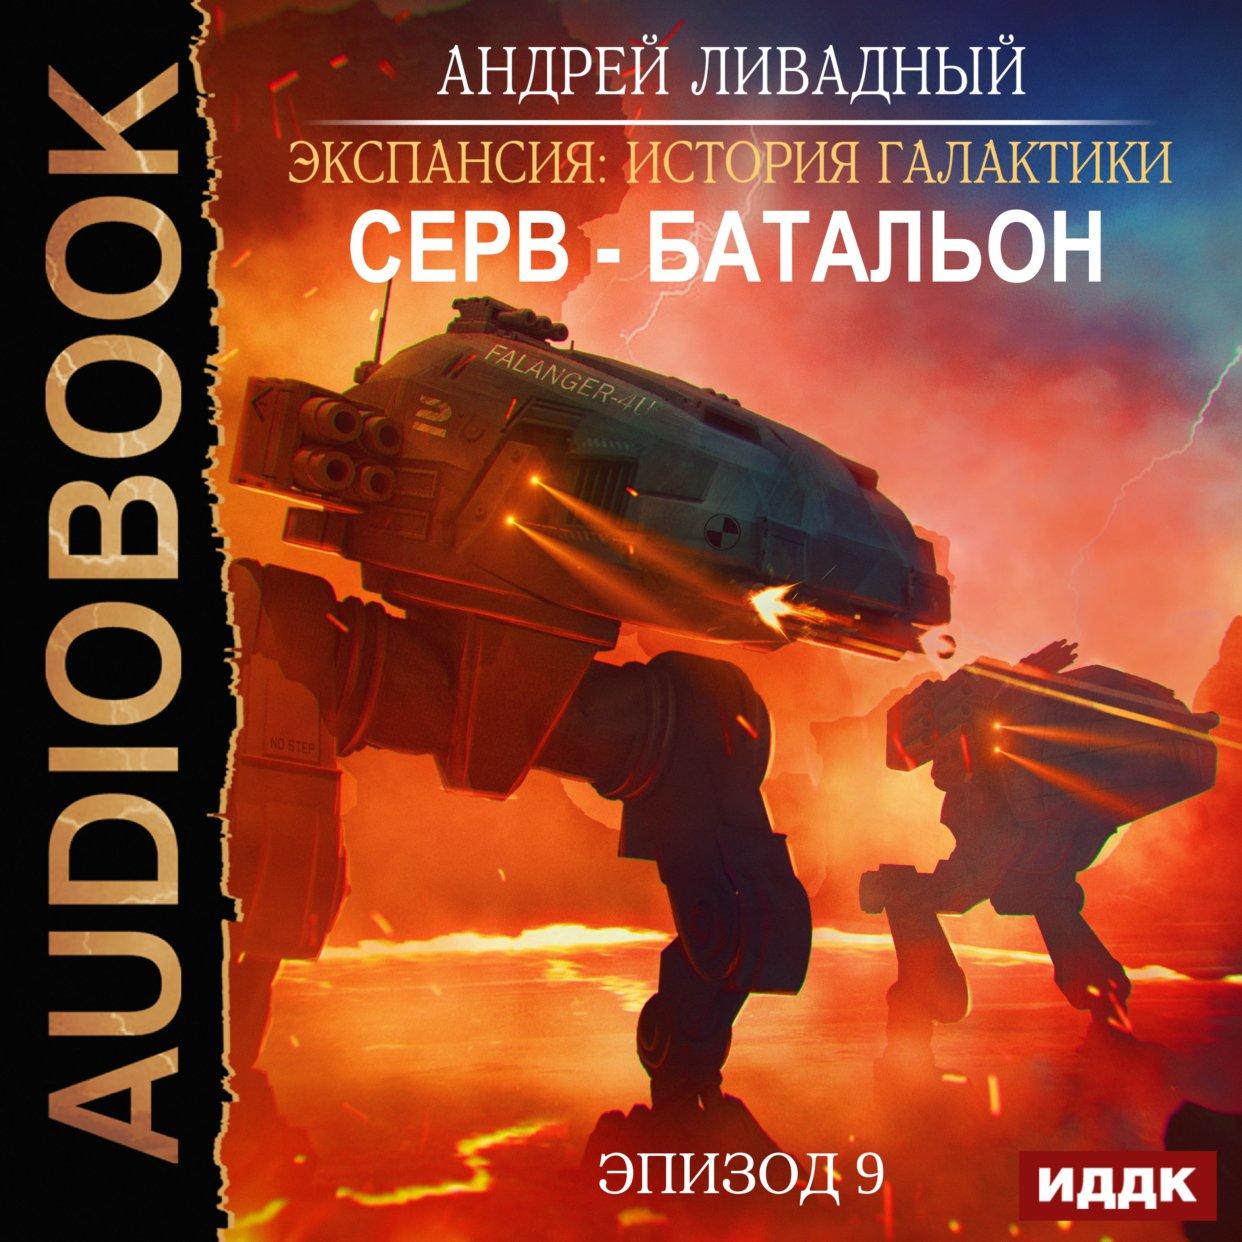 Экспансия: История Галактики. Эпизод 09. Серв-батальон